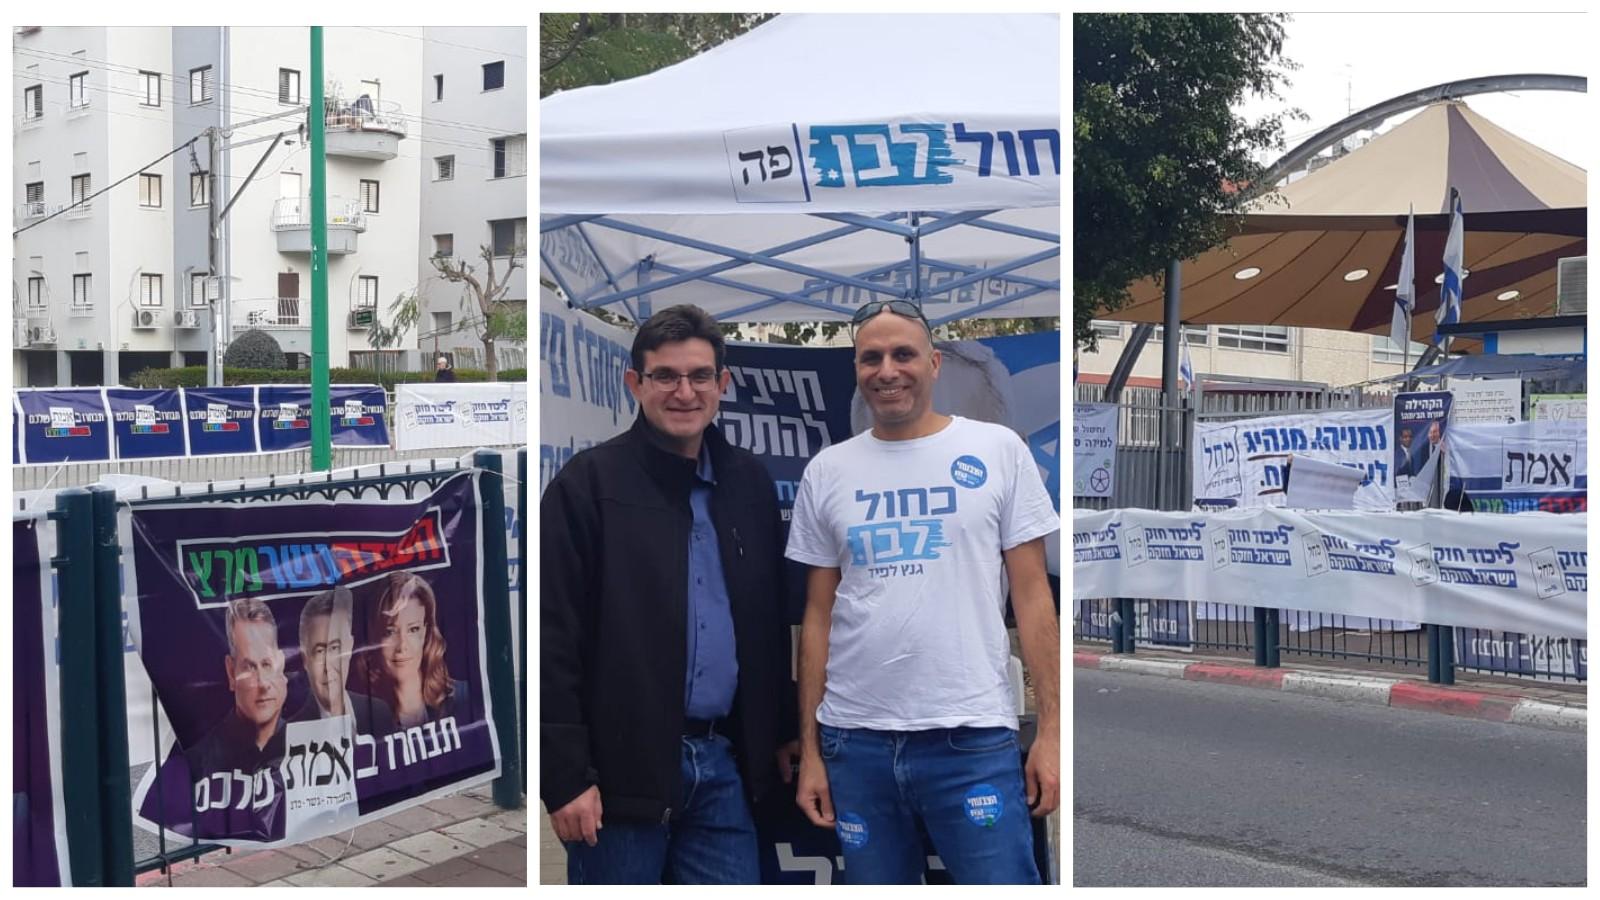 בחירות 2020 בפתח תקוה: שלטים של הליכוד, שלטים של אמת והמועמד אנדרי קוז'נוב